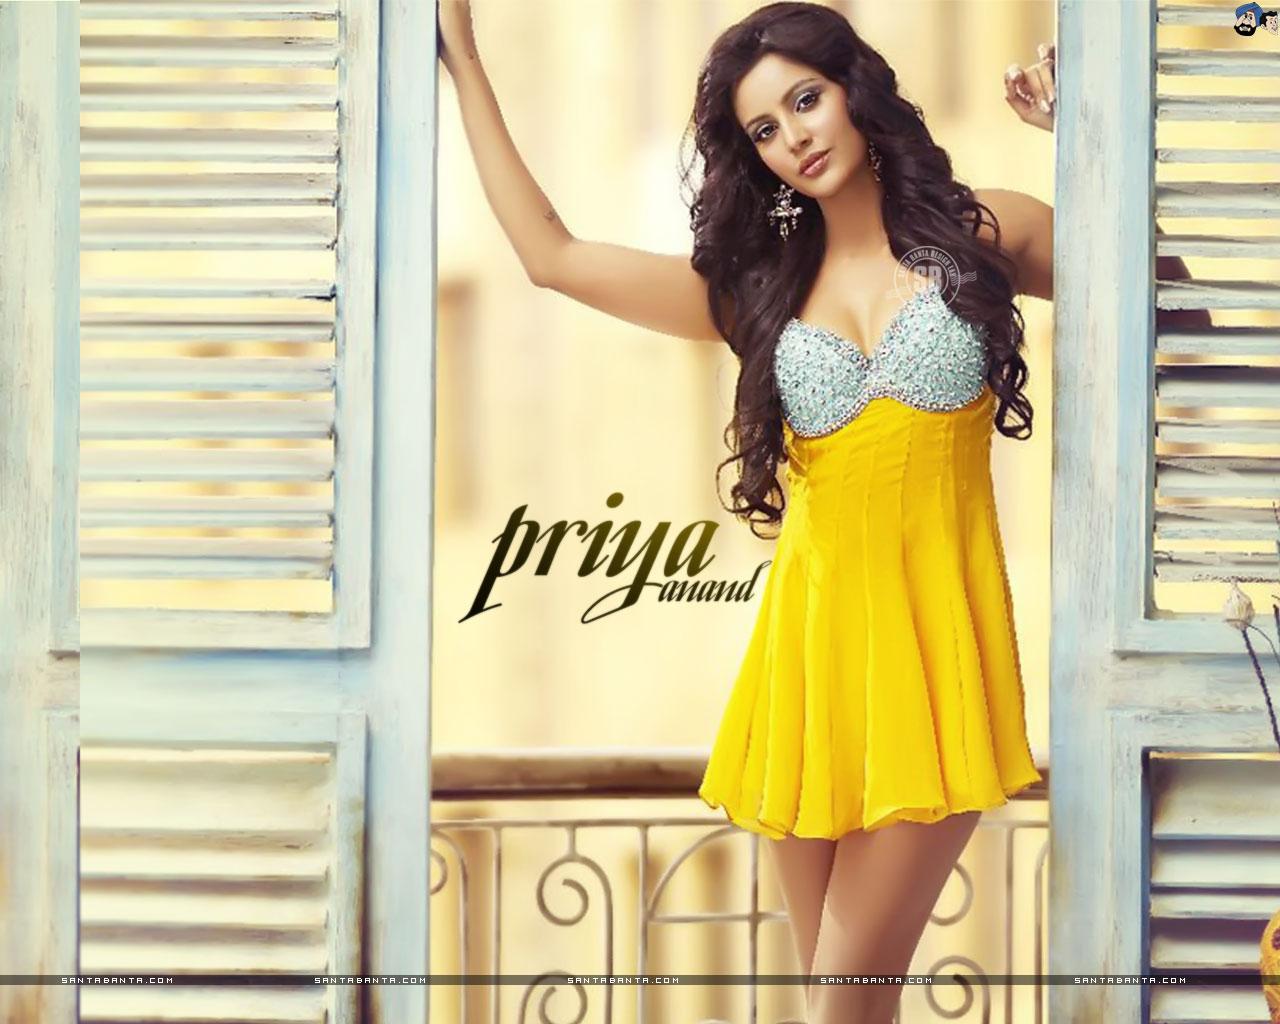 Priya Anand Wallpaper